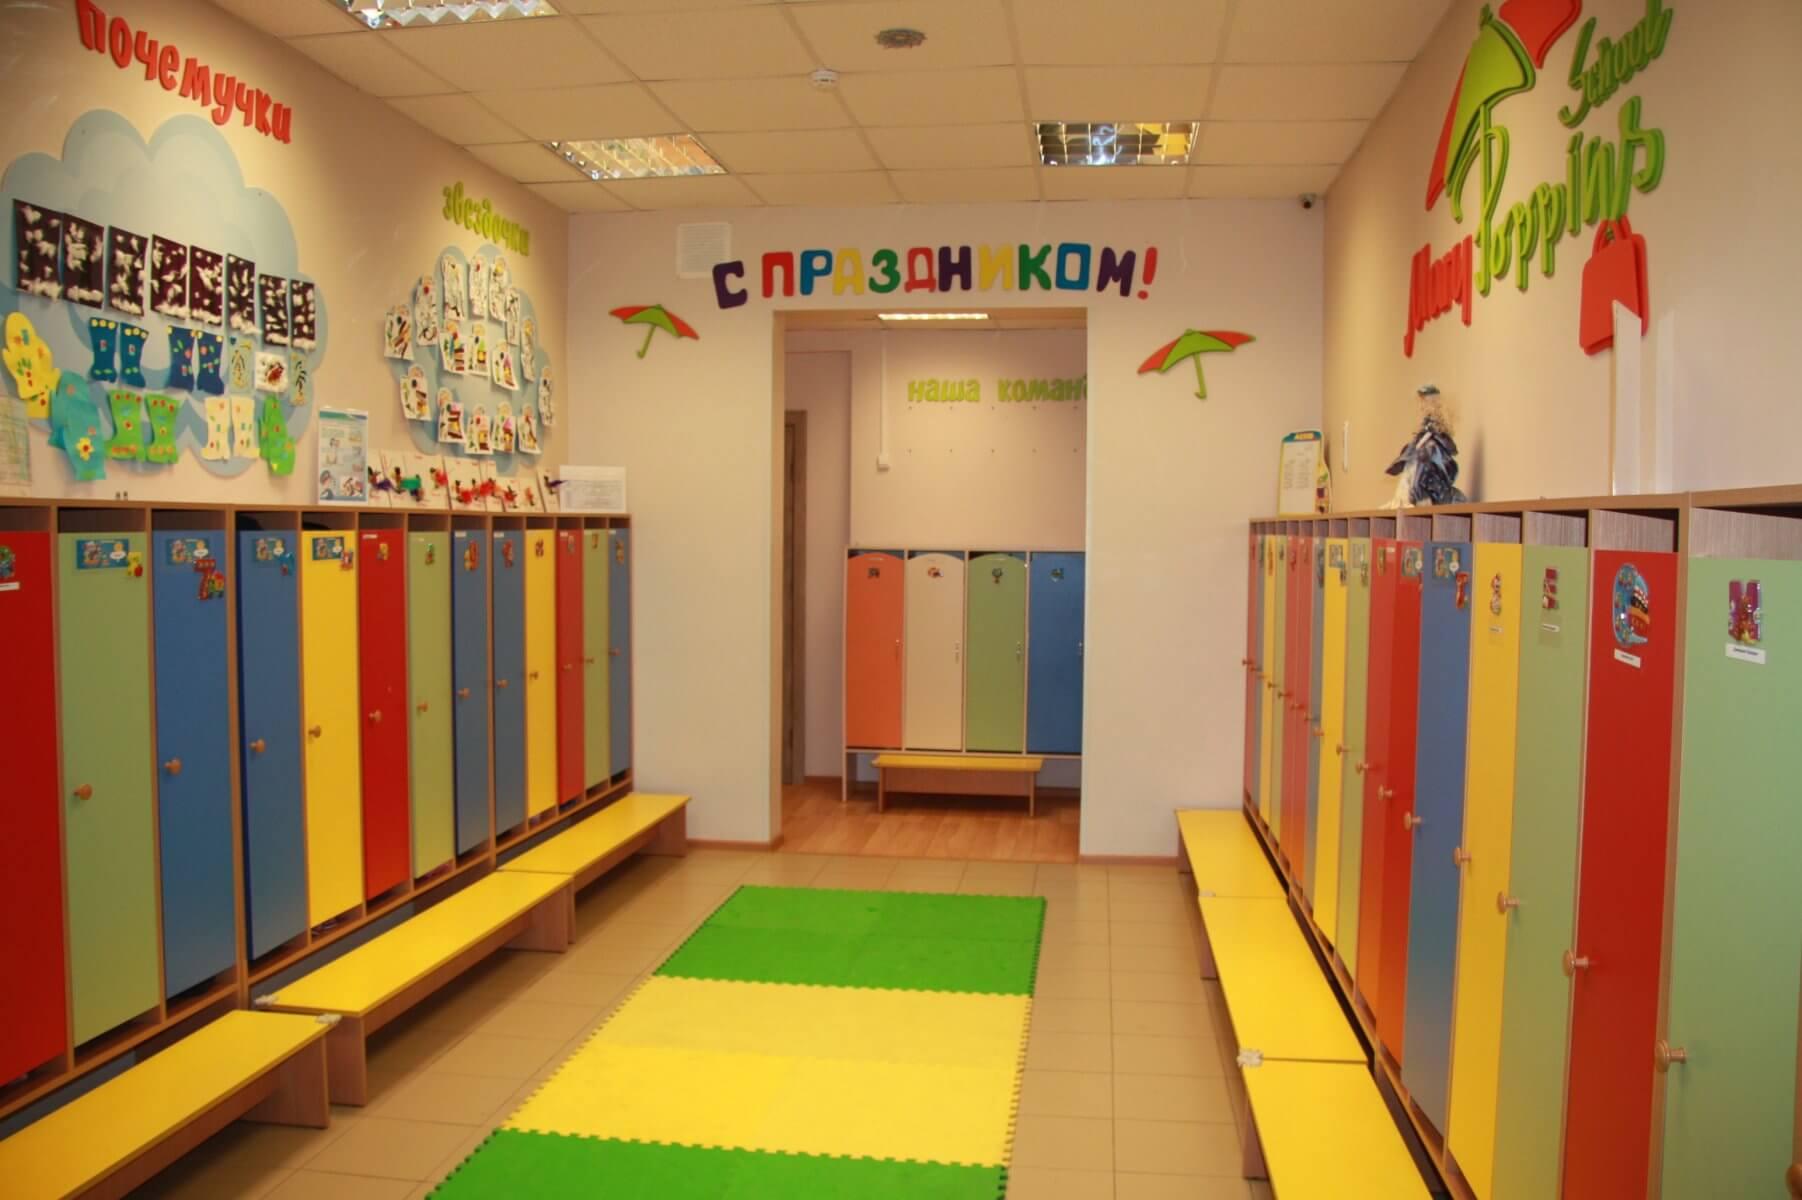 Фото: 2gis.ru